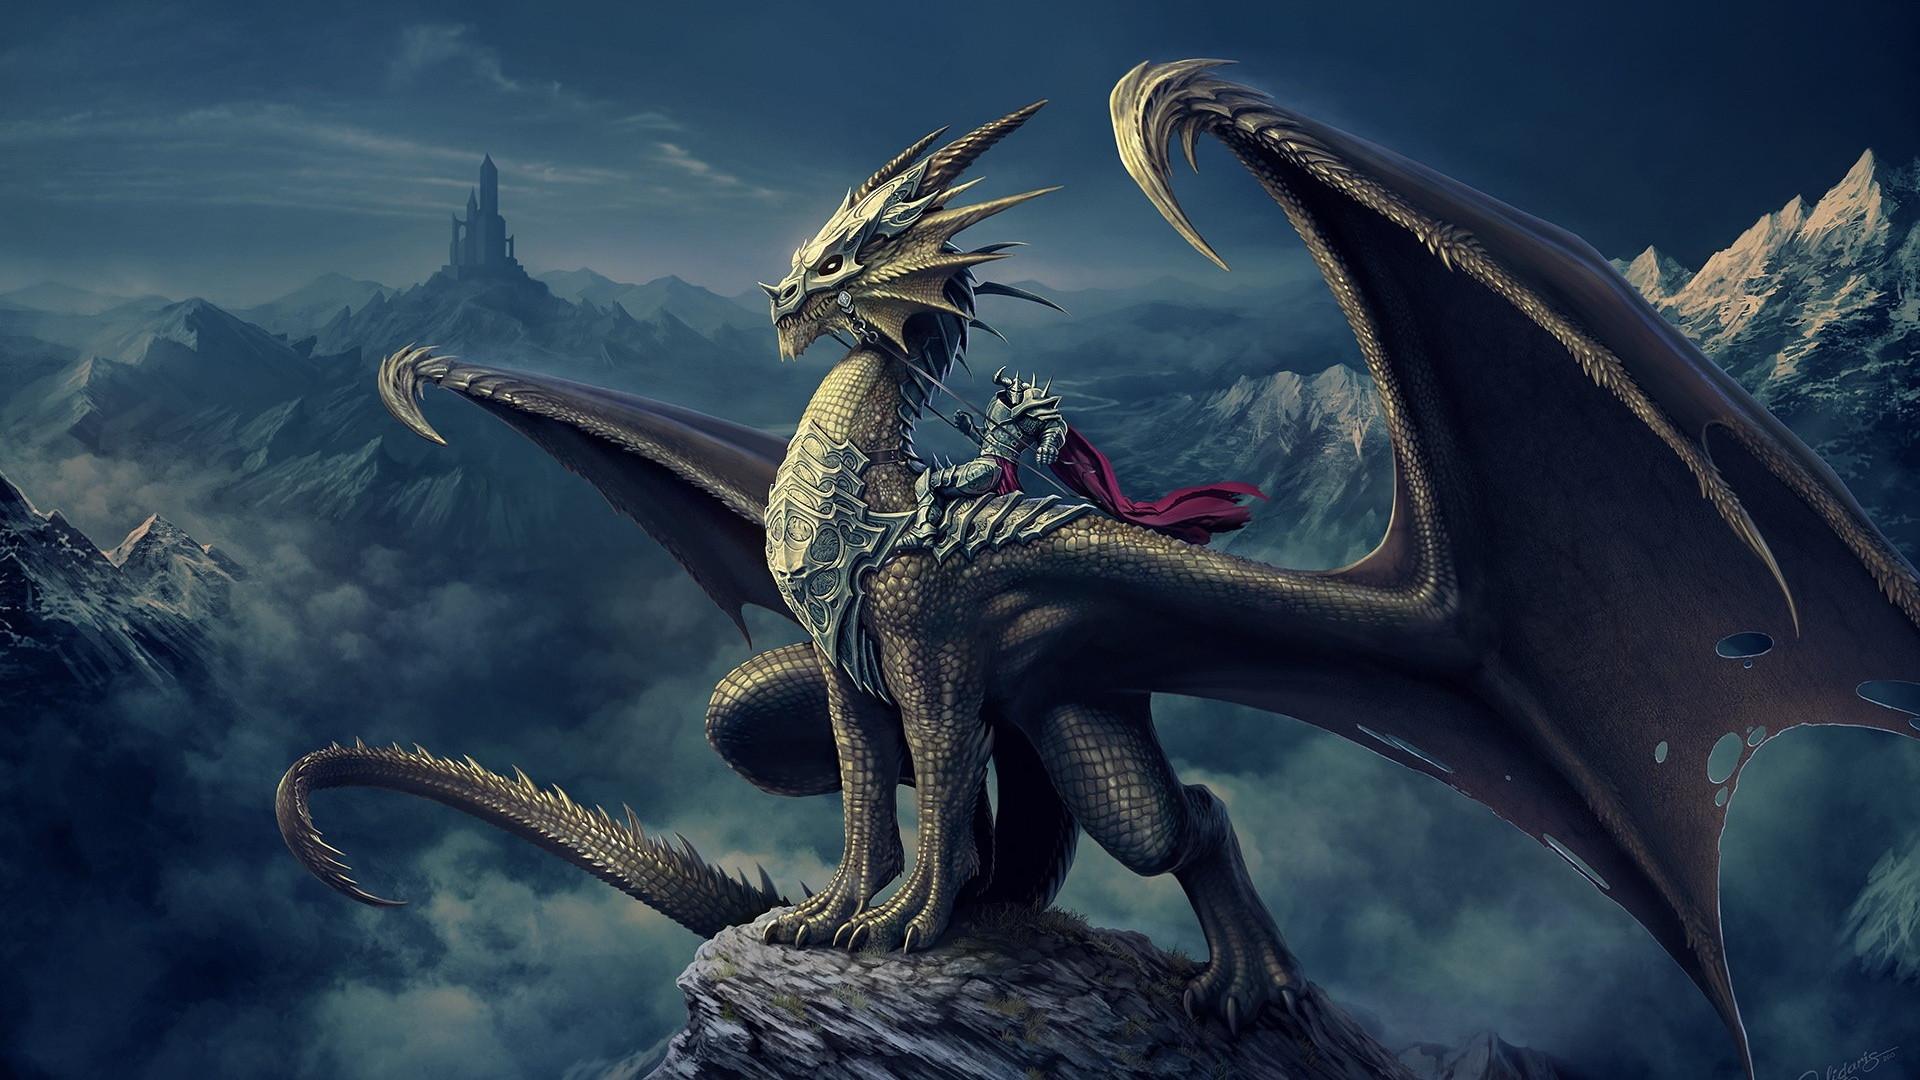 Dragon wallpaper 1920×1080.